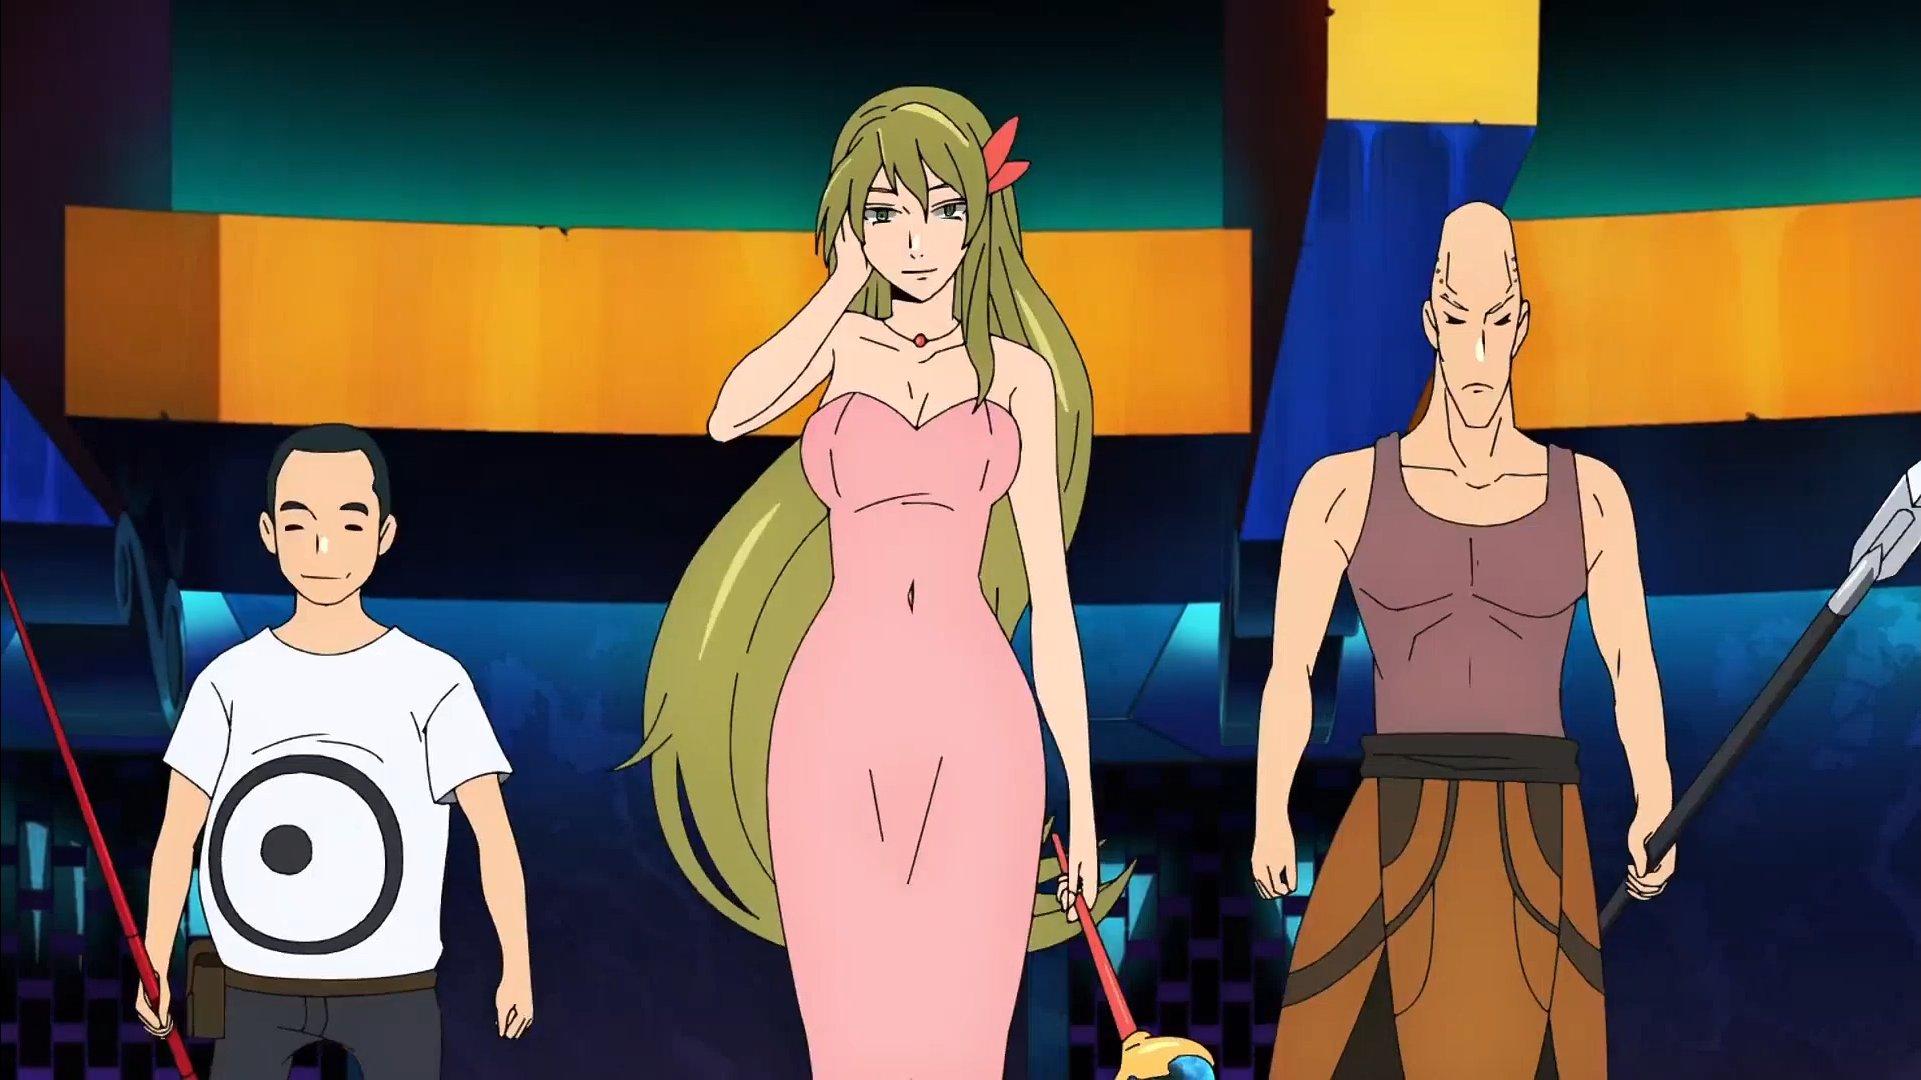 【动漫】《神之塔》第4话:绿色四月(1080p)-小柚妹站